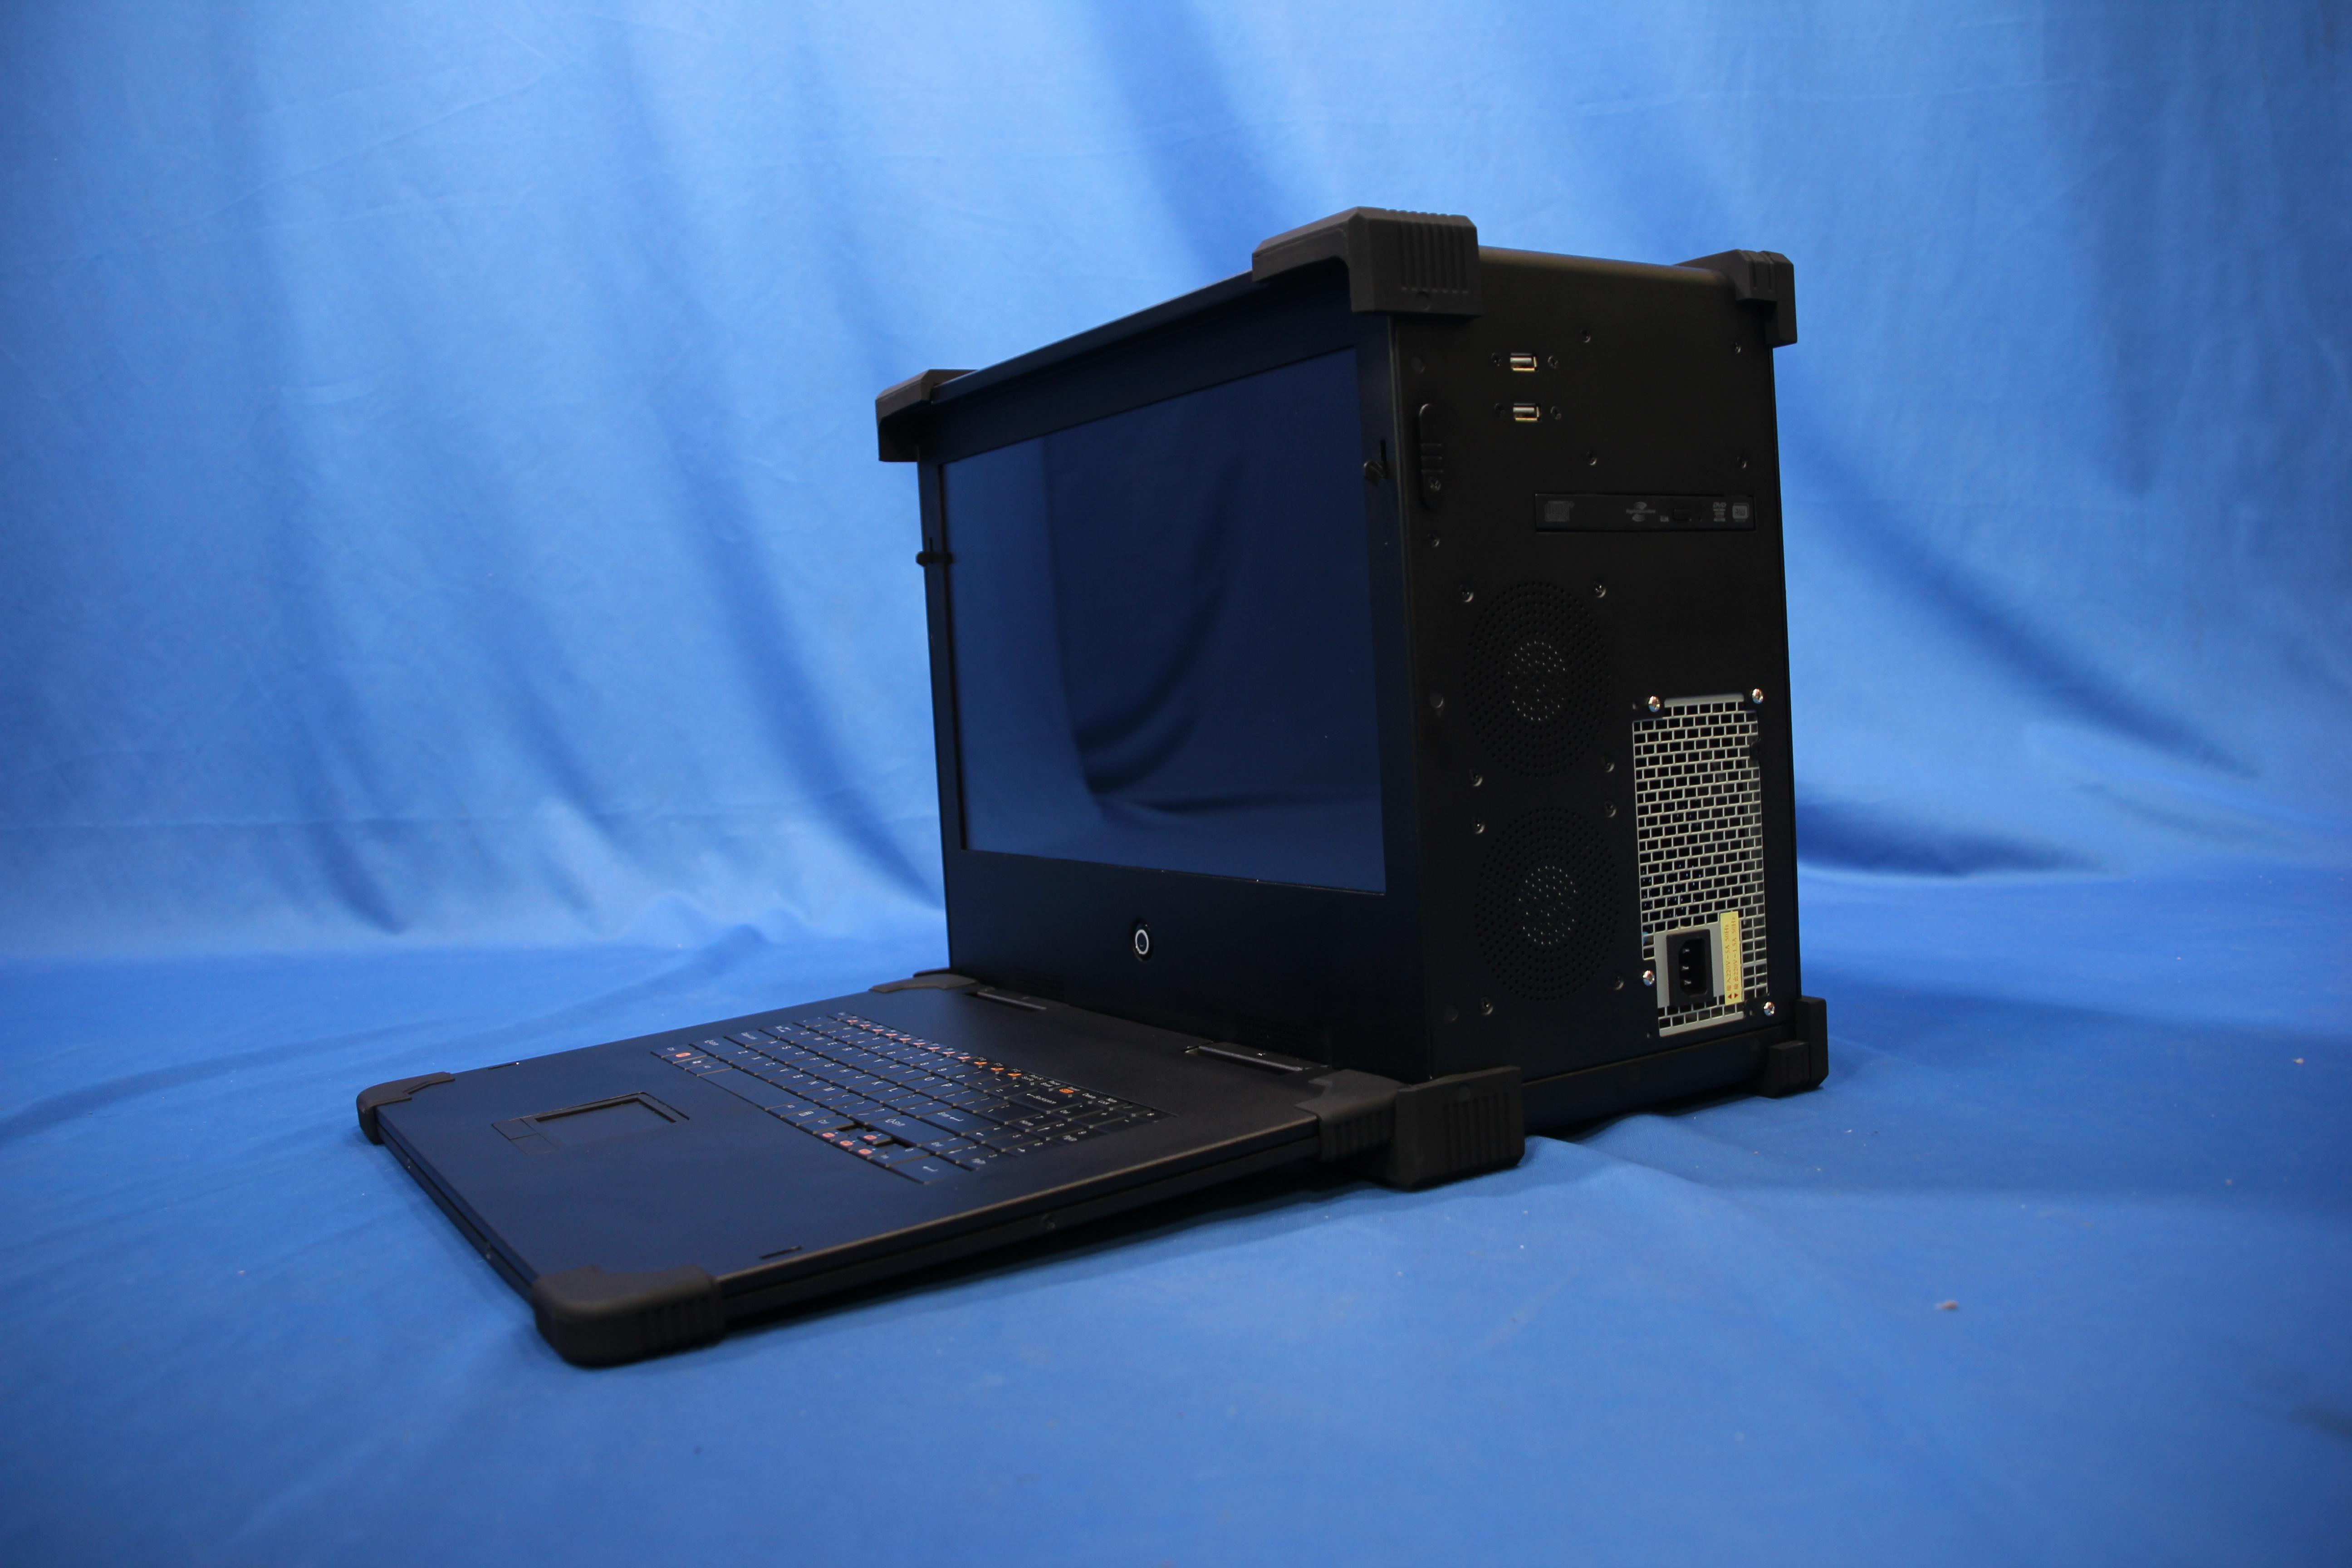 郑州直销微电影拍摄系统智能抠像虚拟演播室mtv合成机专业系统服务器